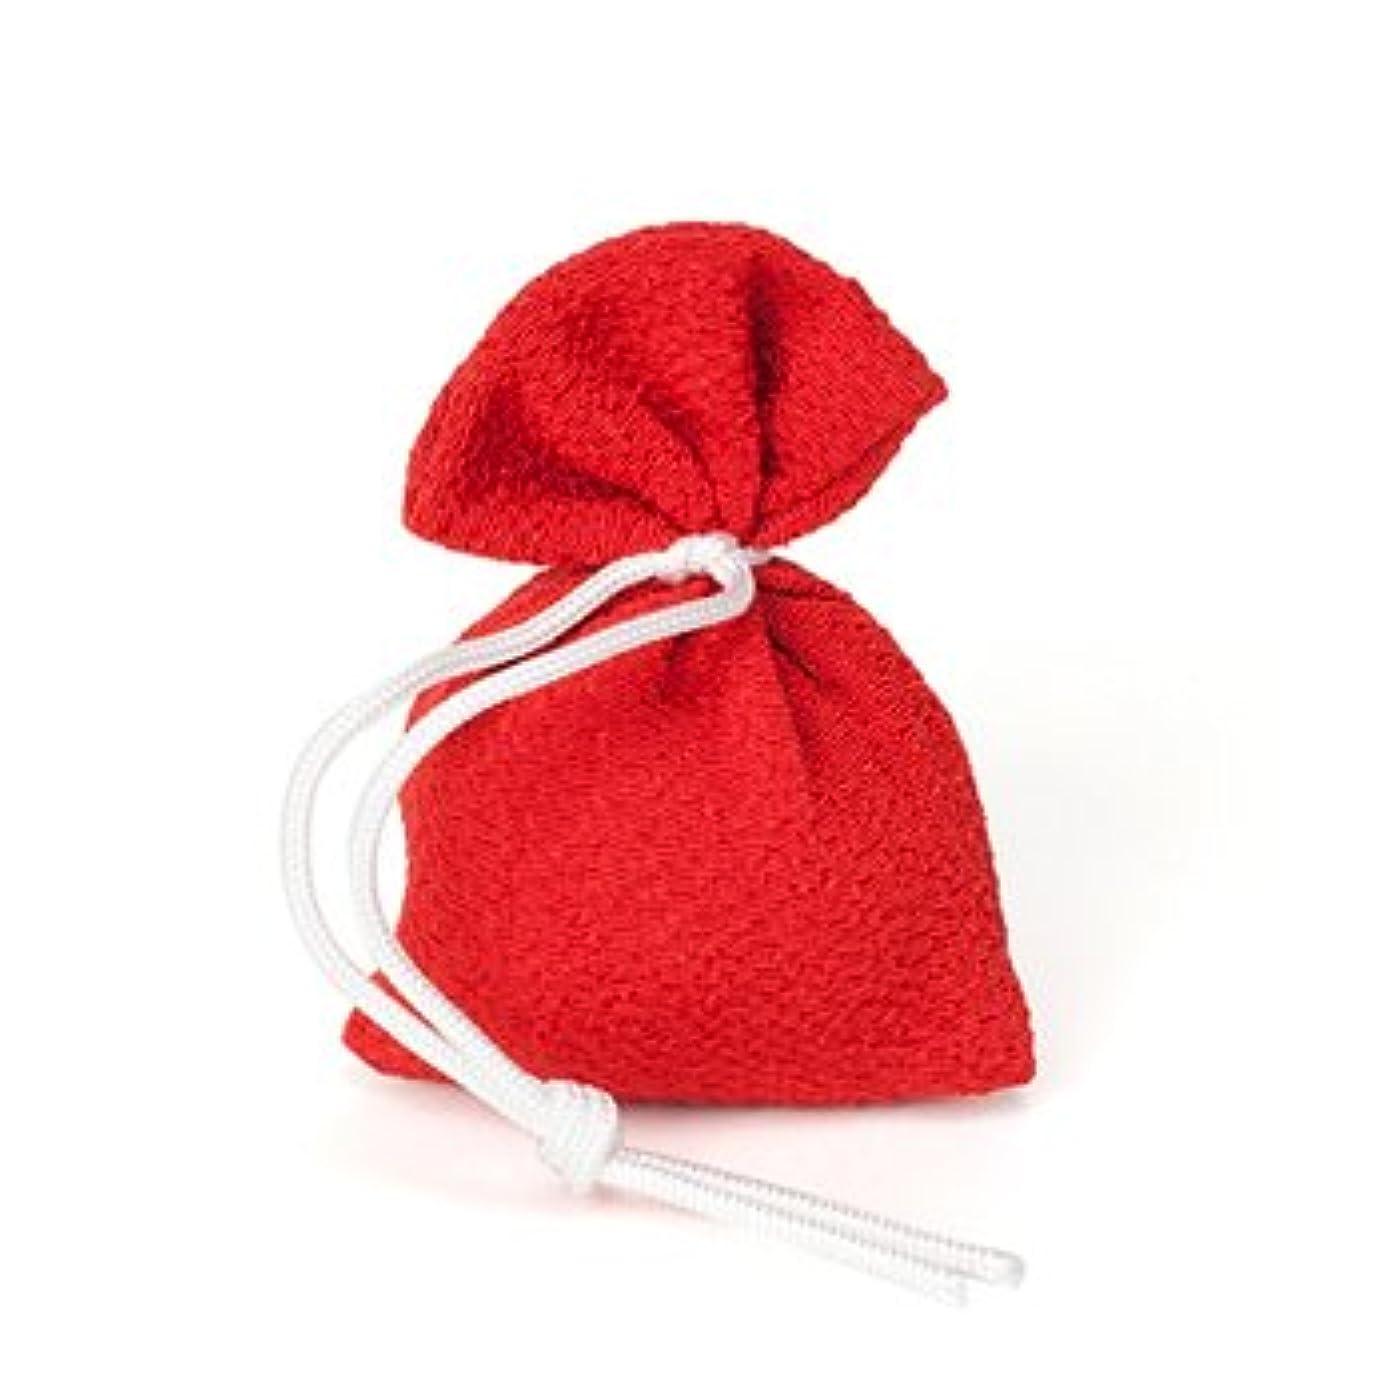 ラフ楽観的平衡松栄堂 匂い袋 誰が袖 上品(無地) 1個入 (色をお選びください) (赤)